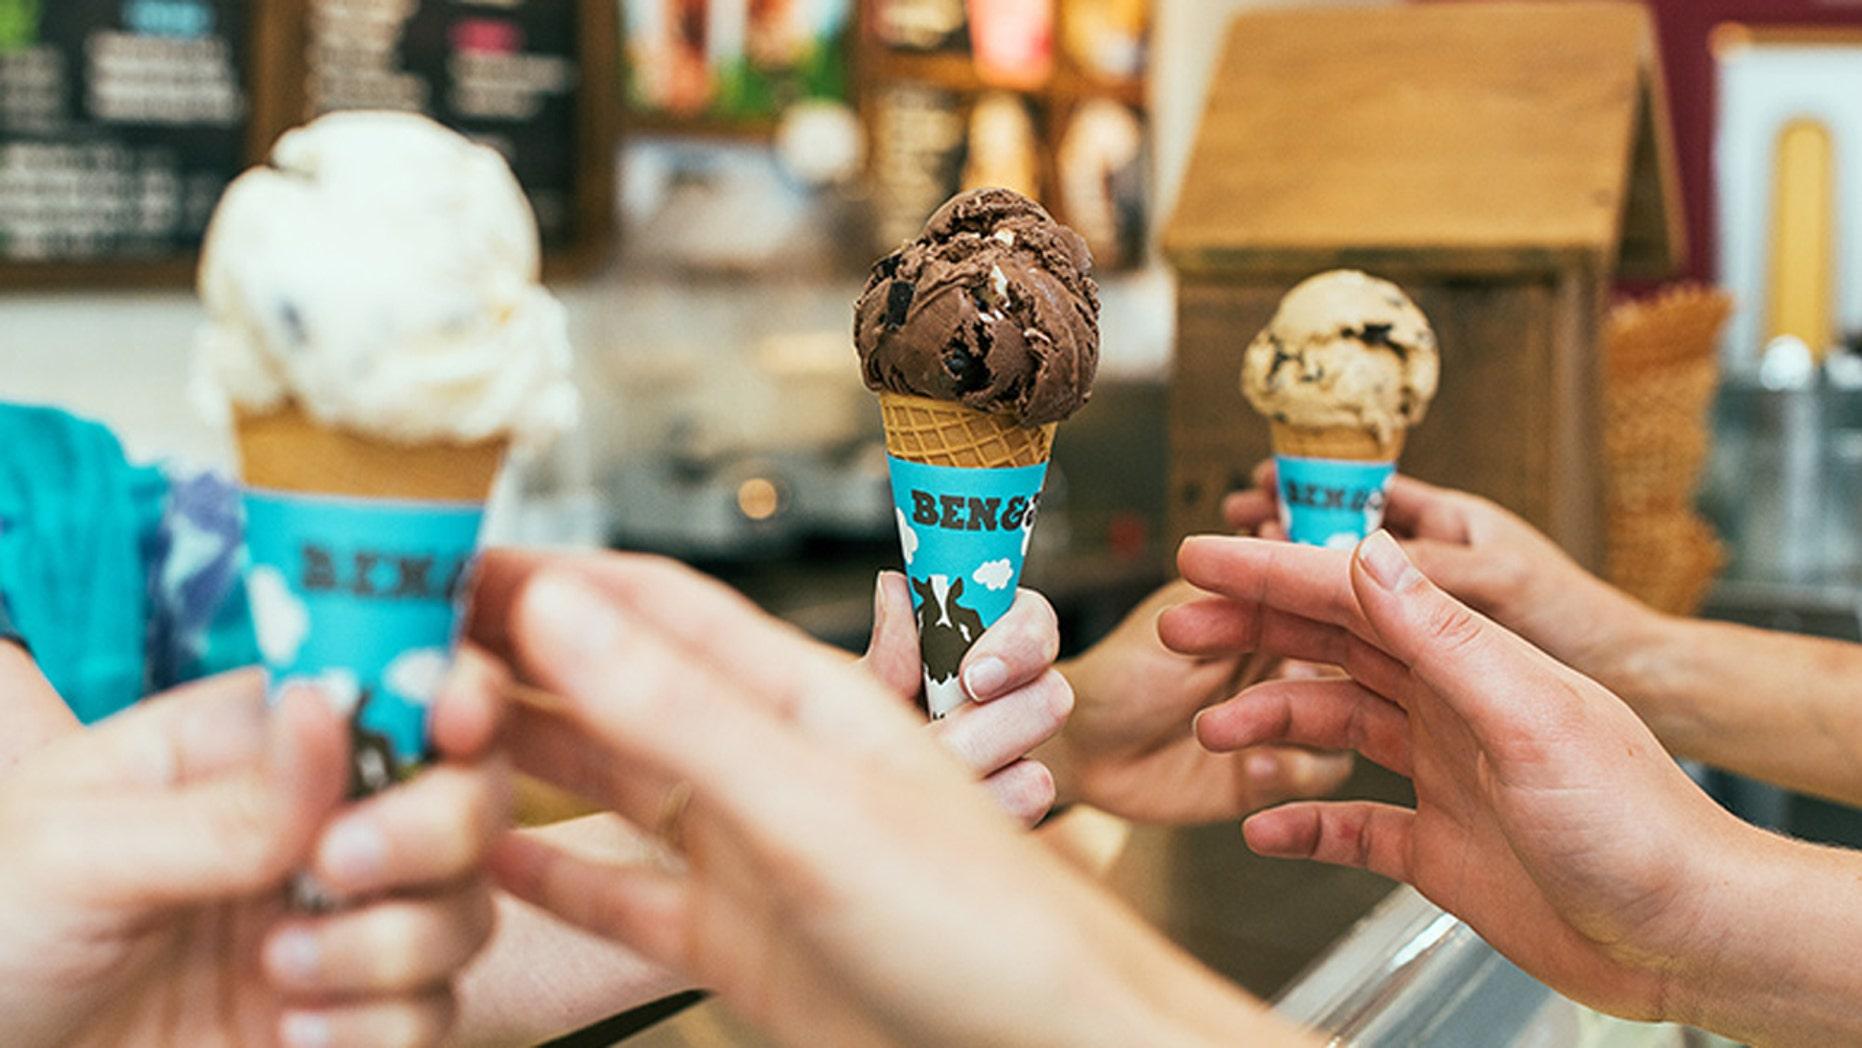 Ice cream dreams come true today.